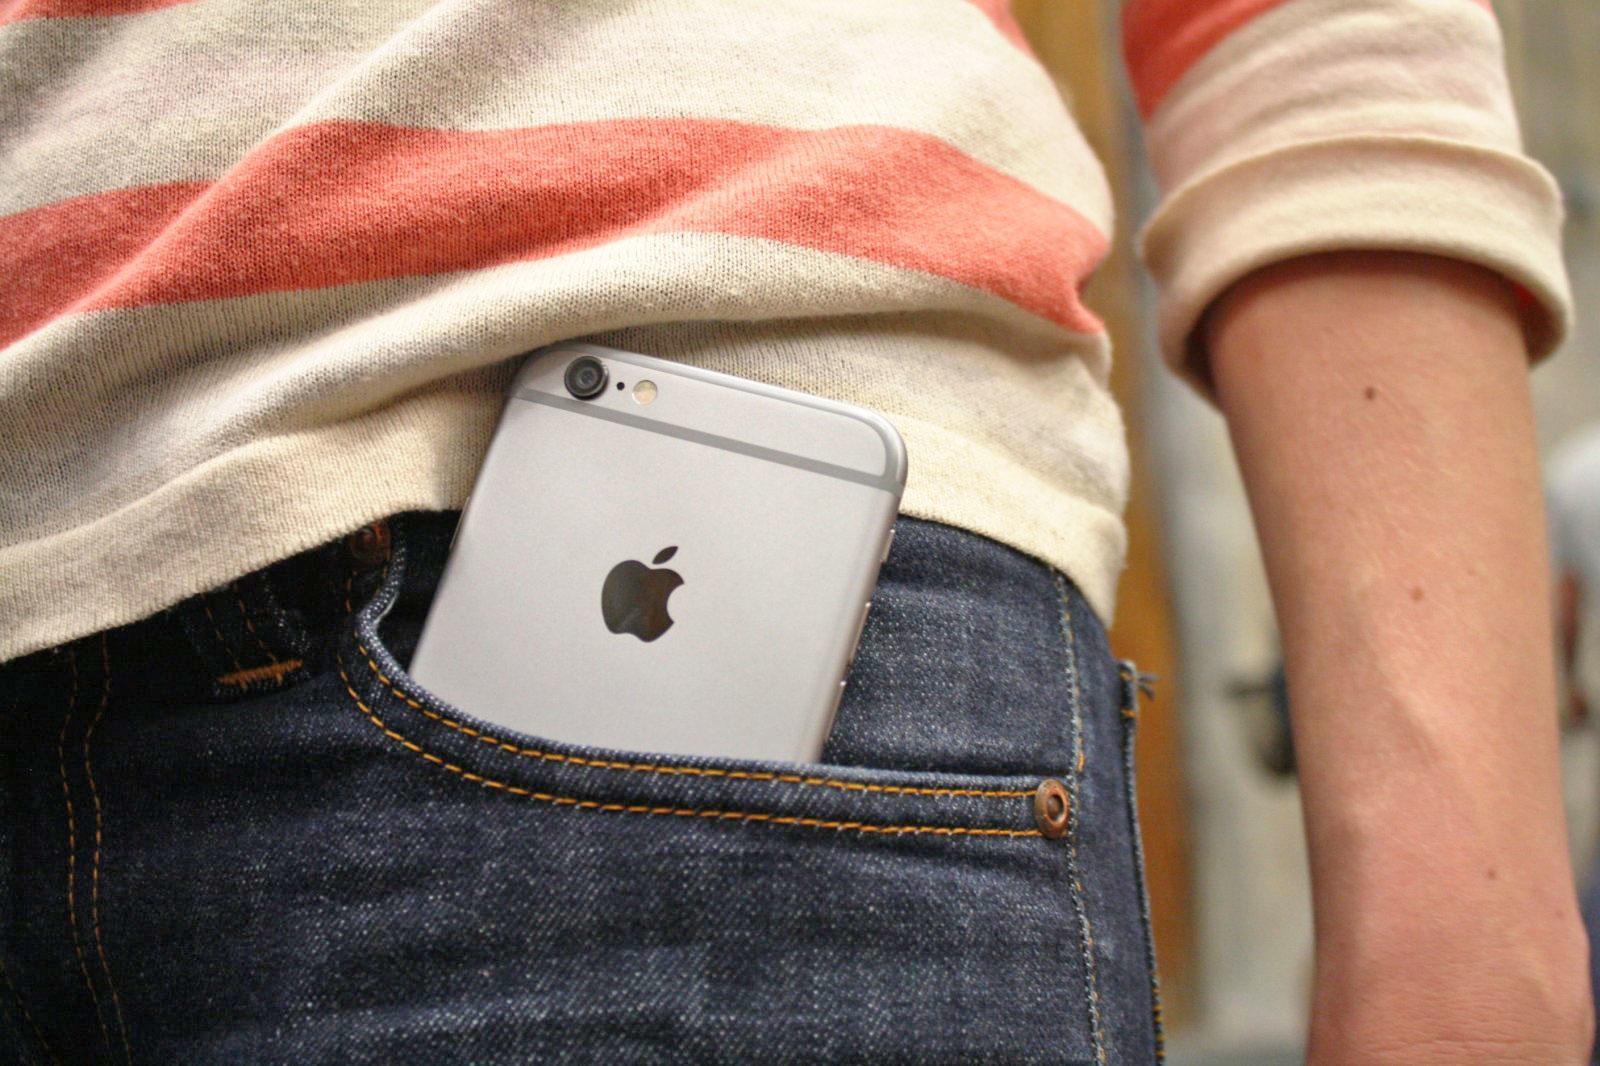 Apple cambiará la batería de tu iPhone sin importar su estado